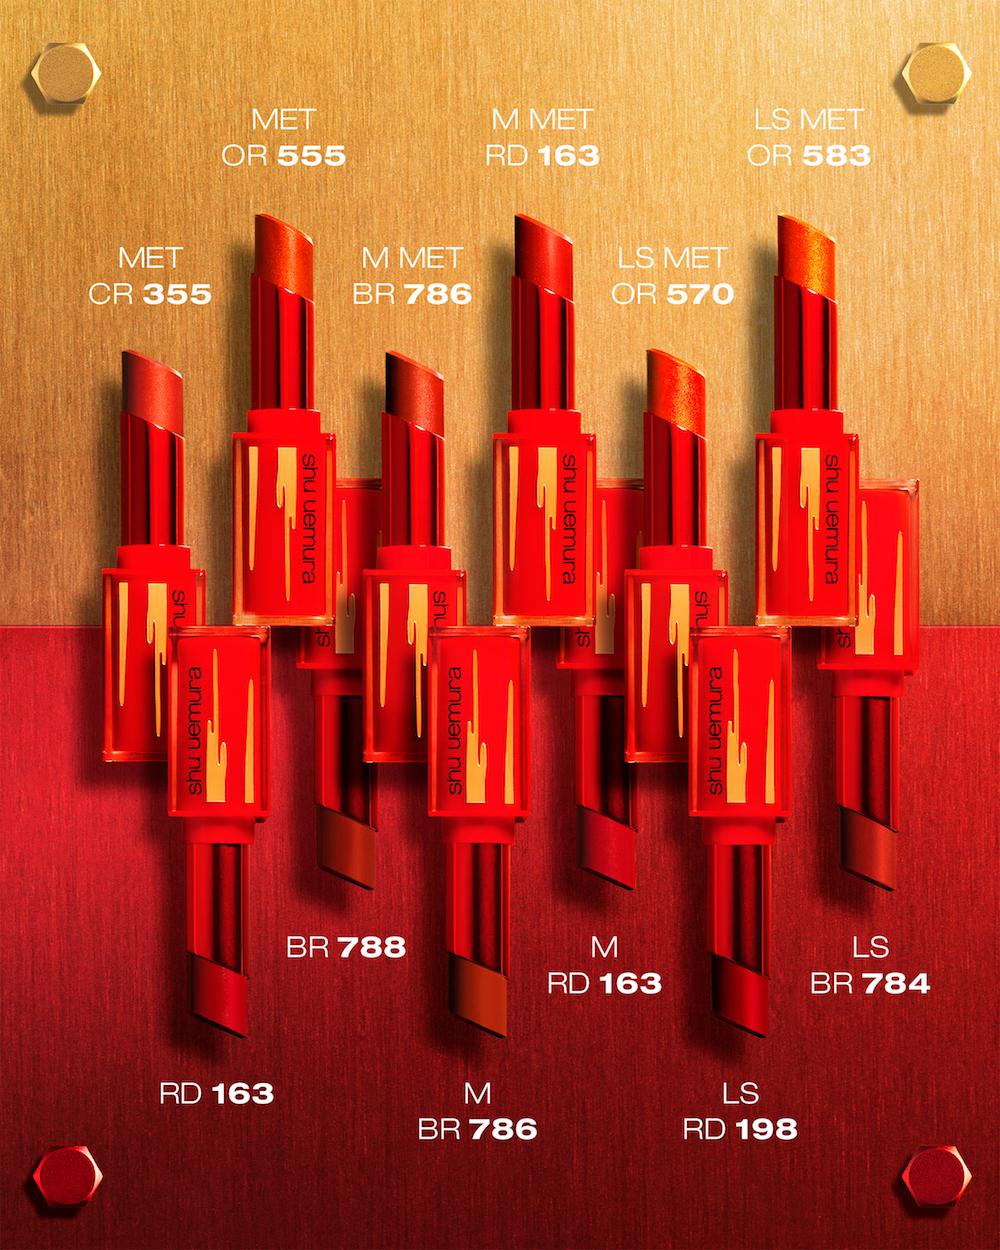 Bộ sưu tập sắc đỏ giới hạn cho dịp Tết 2021 1